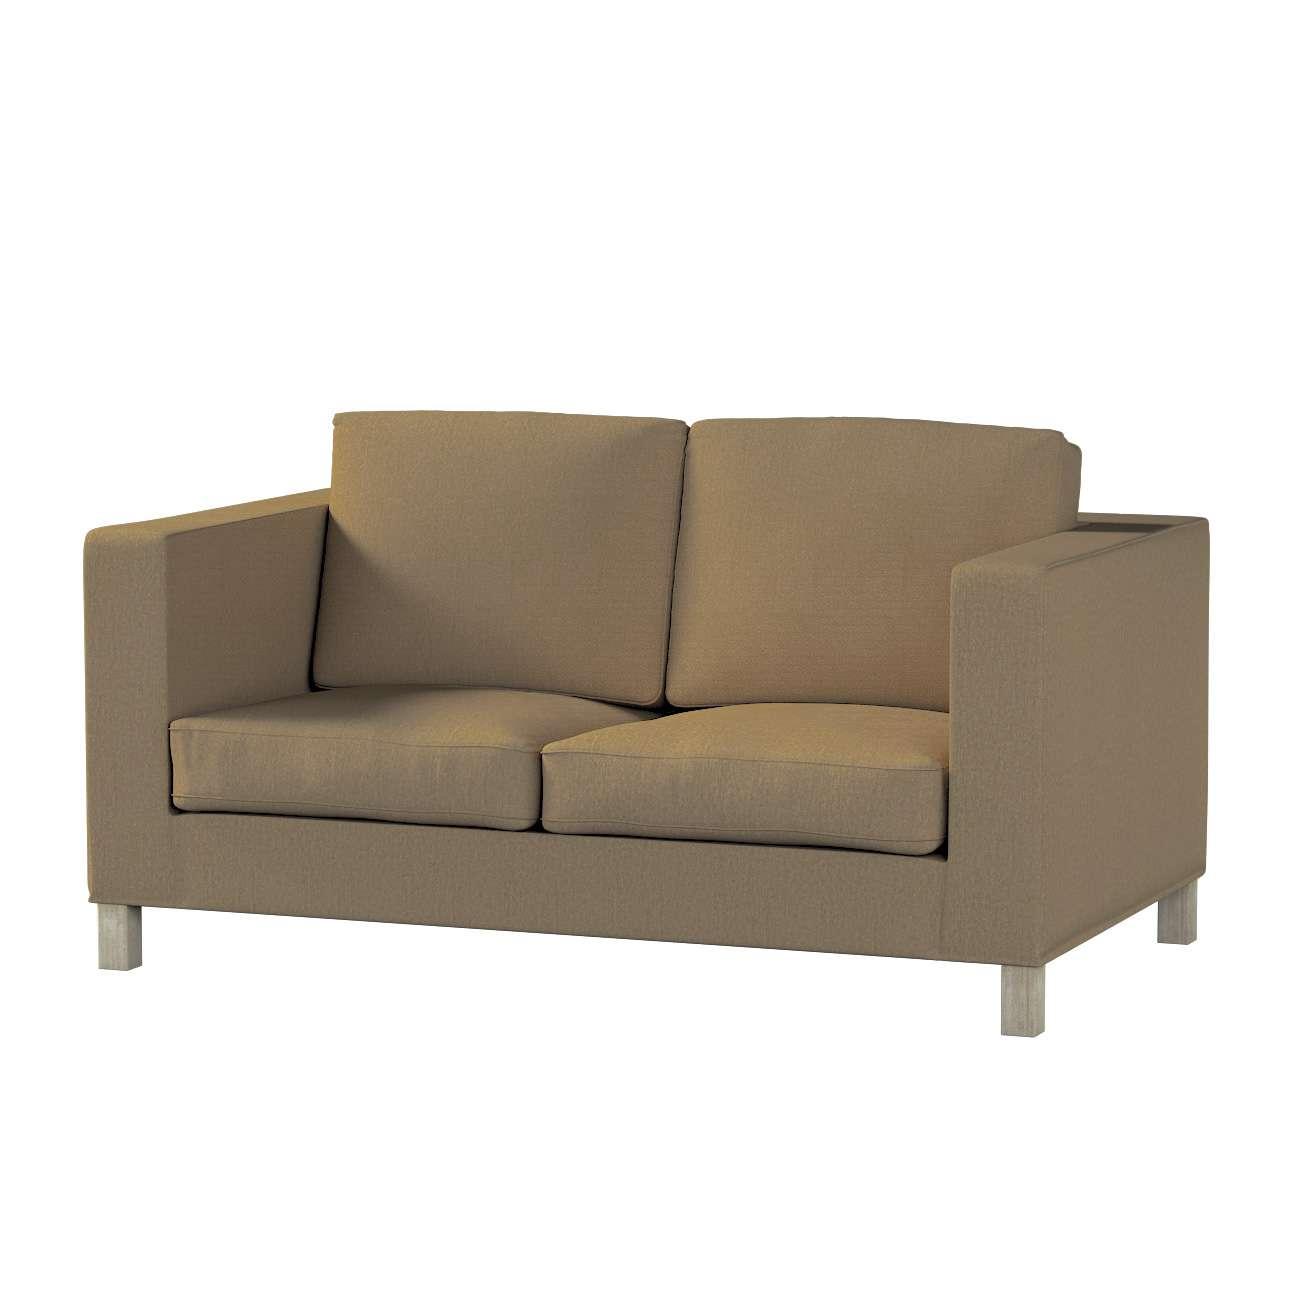 Pokrowiec na sofę Karlanda 2-osobową nierozkładaną, krótki Sofa Karlanda 2-os w kolekcji Chenille, tkanina: 702-21